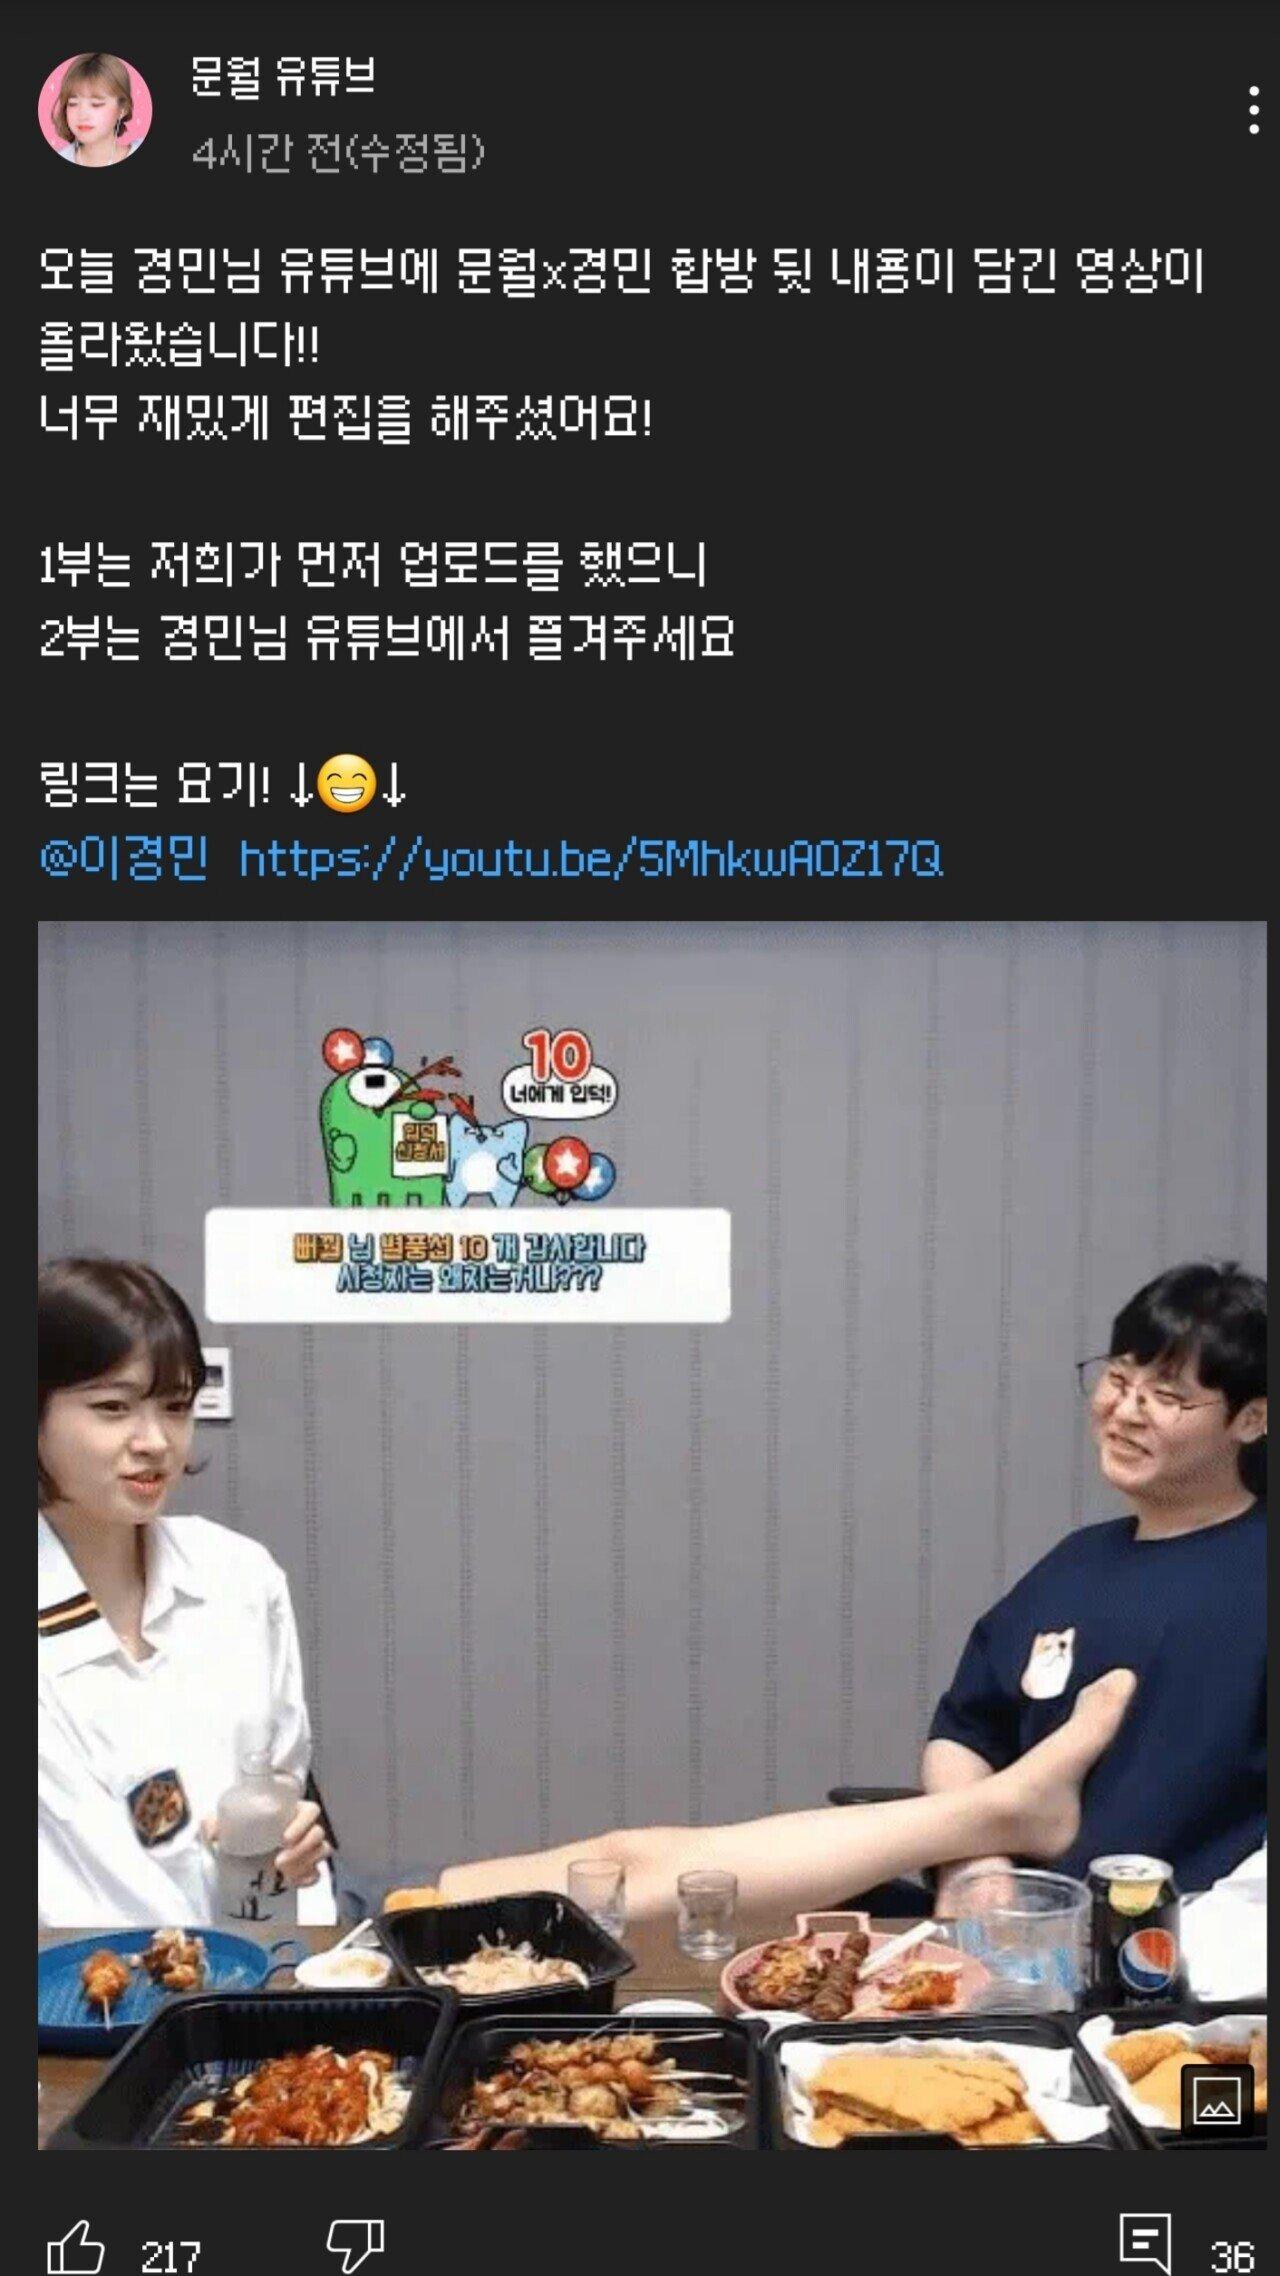 문월 유튜브.jpg 이경민 + 문월  이런게 ㄹㅂ 친구지.